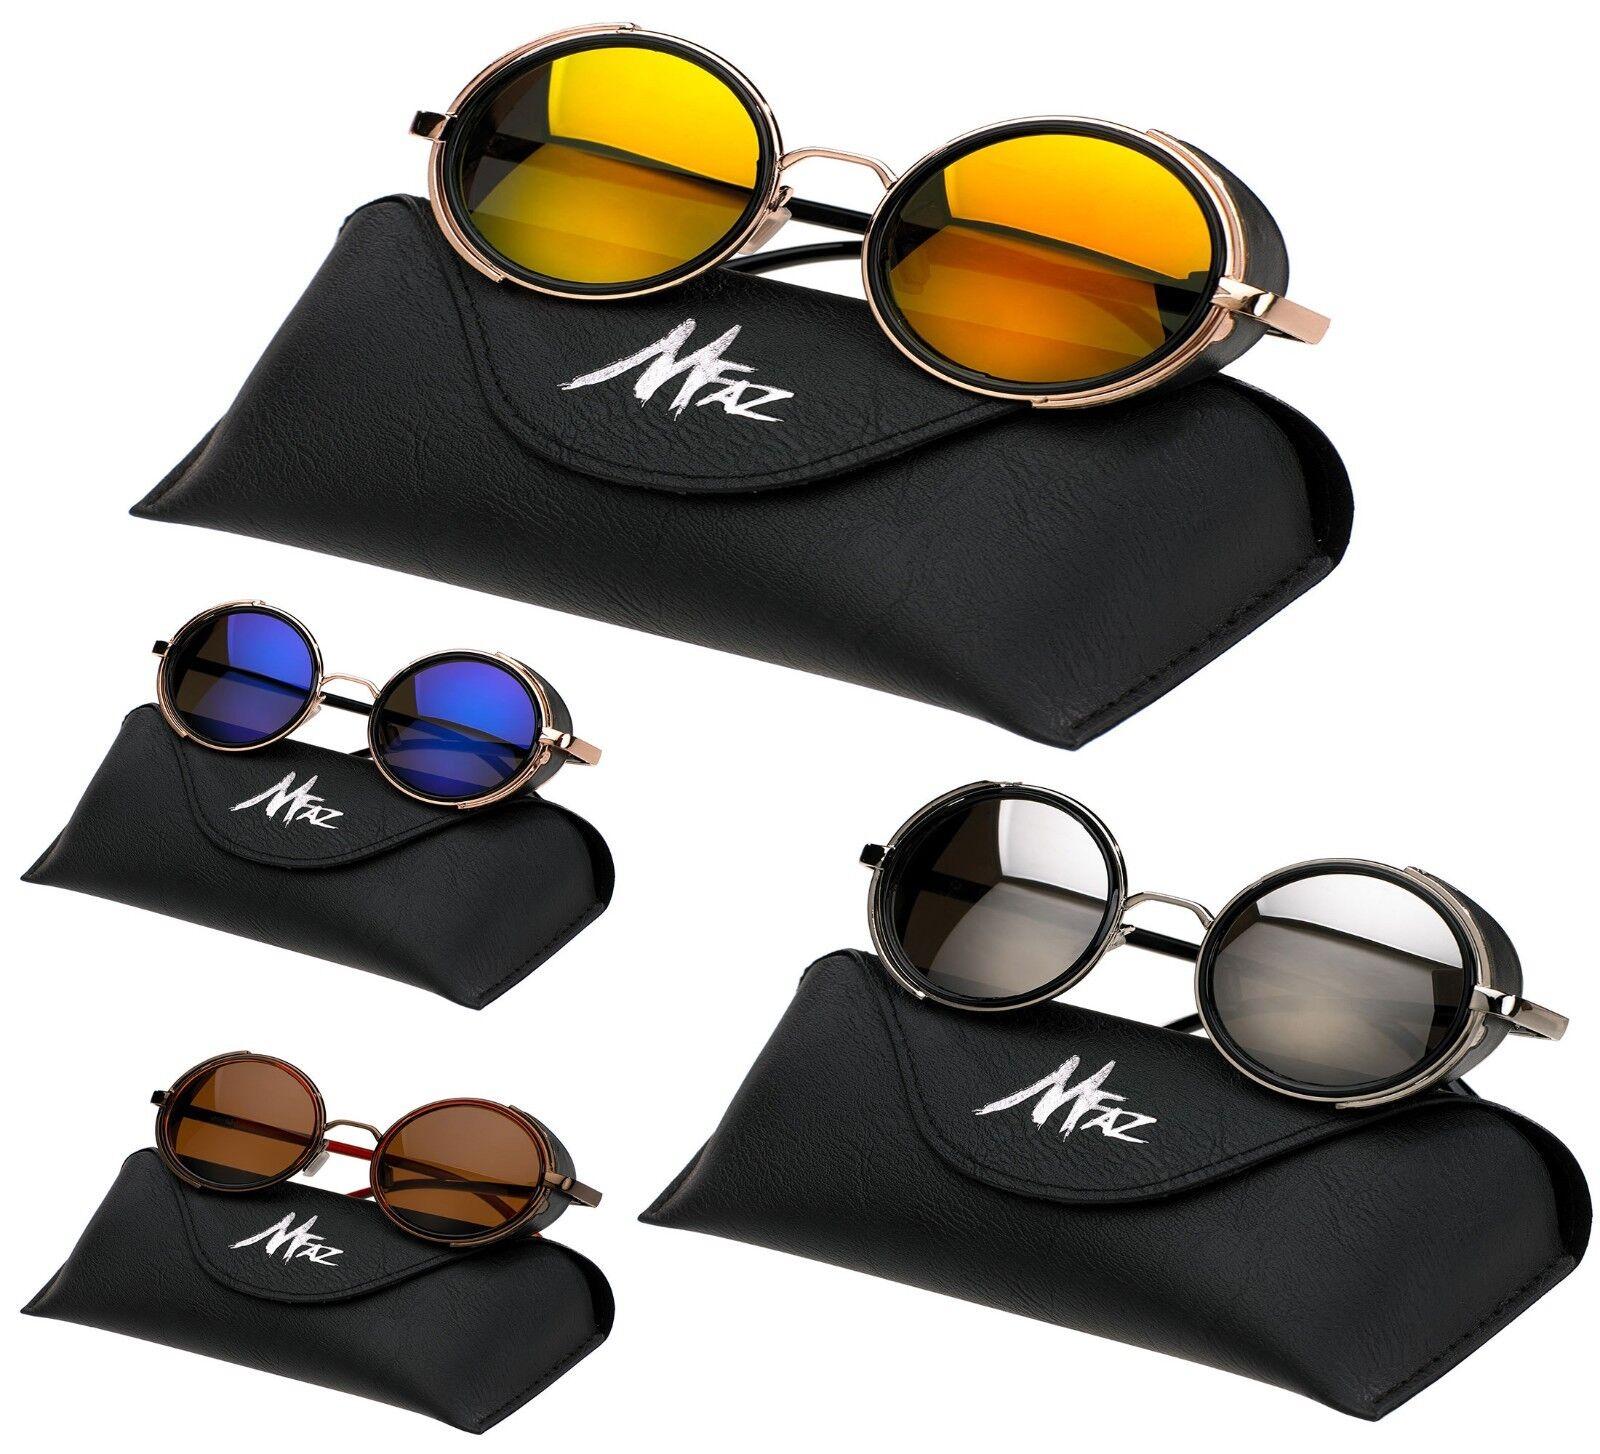 Unisex Runde Sonnenbrille Steampunk Brillen Gespiegelt Cyber Kiste, Koffer Stoff